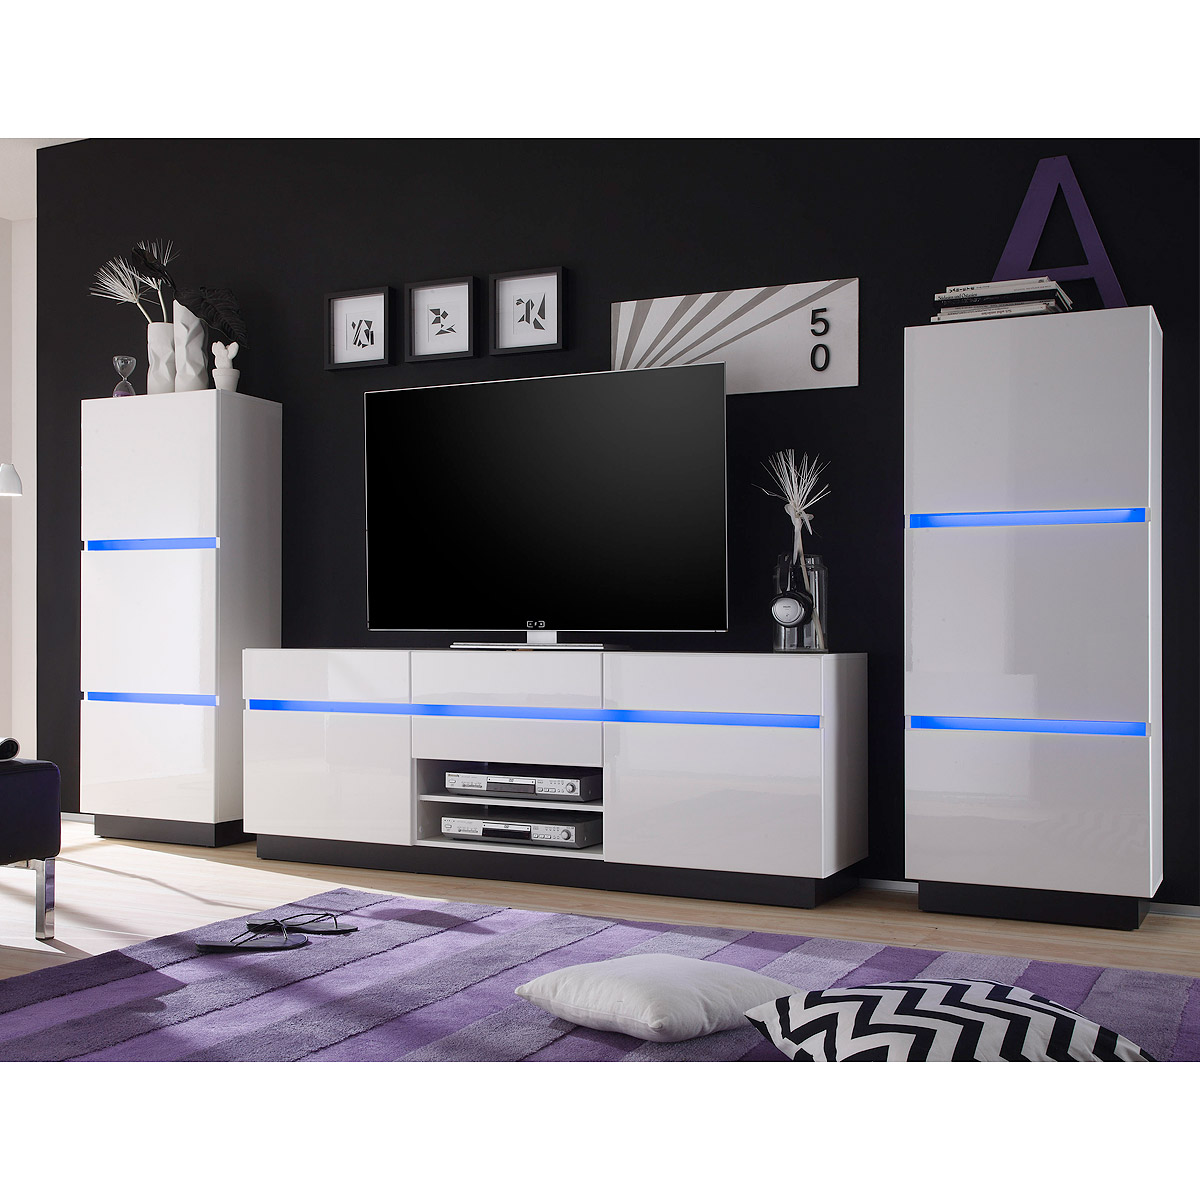 wohnwand 2 scaleo anbauwand wohnzimmer wei hochglanz mit. Black Bedroom Furniture Sets. Home Design Ideas